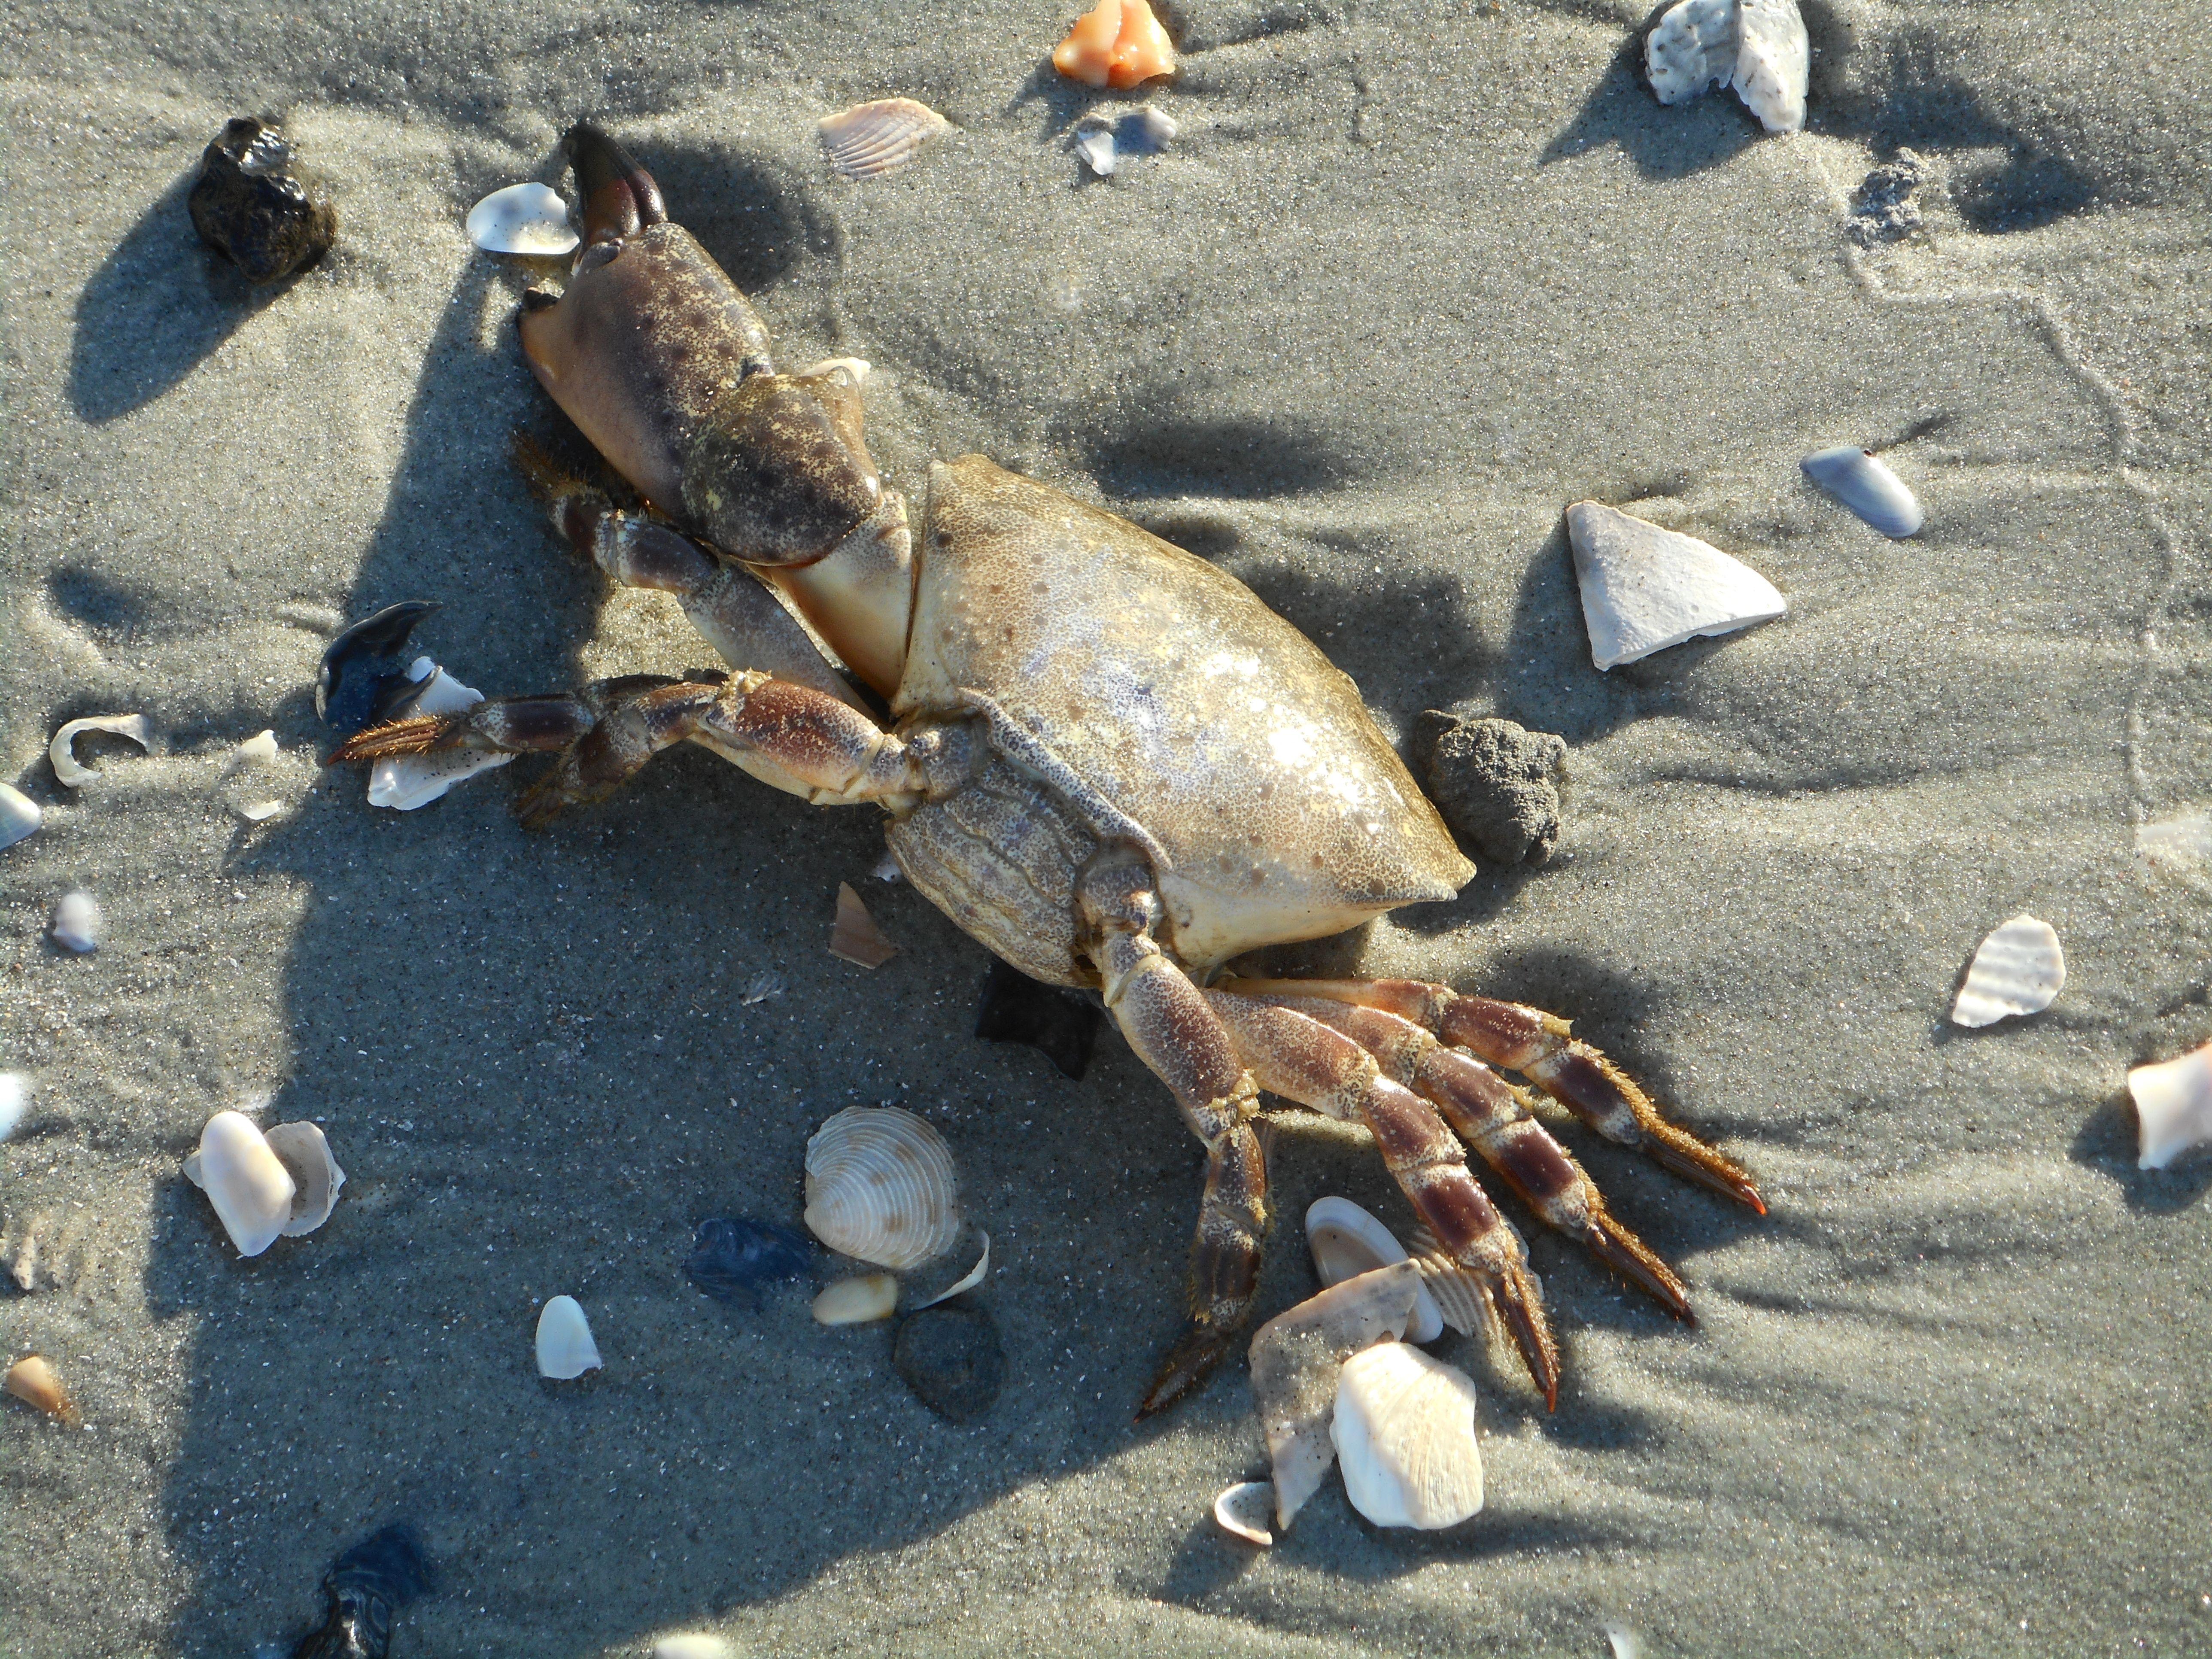 Beached Crab North Myrtle Beach Myrtle Beach Crab